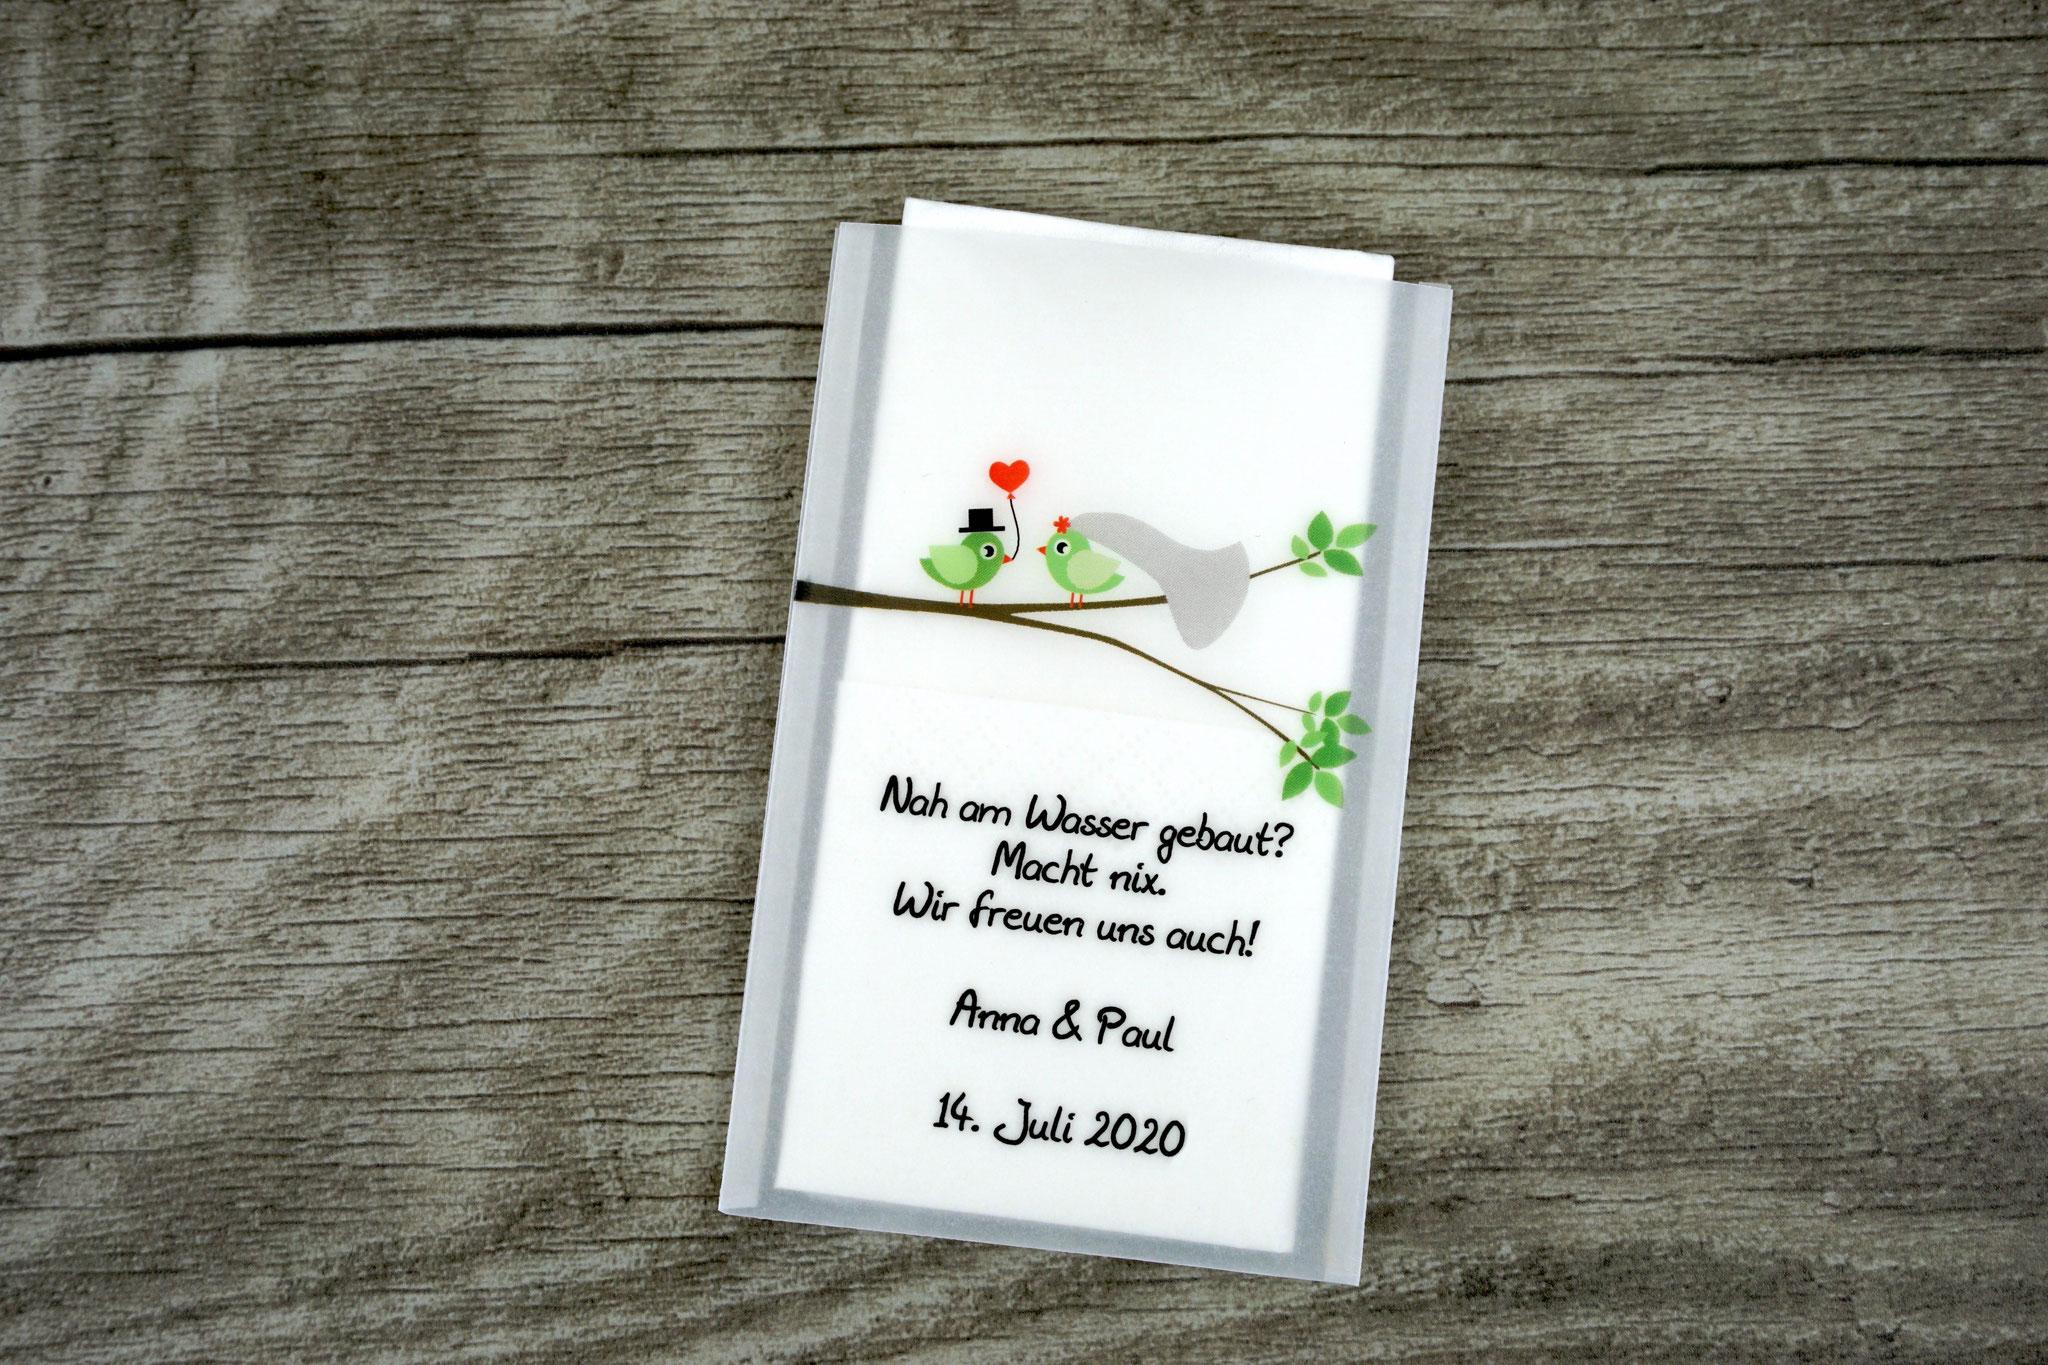 Freudentränen Taschentücher Design Hochzeitsvögel verzweigter Ast, Farbe Grün